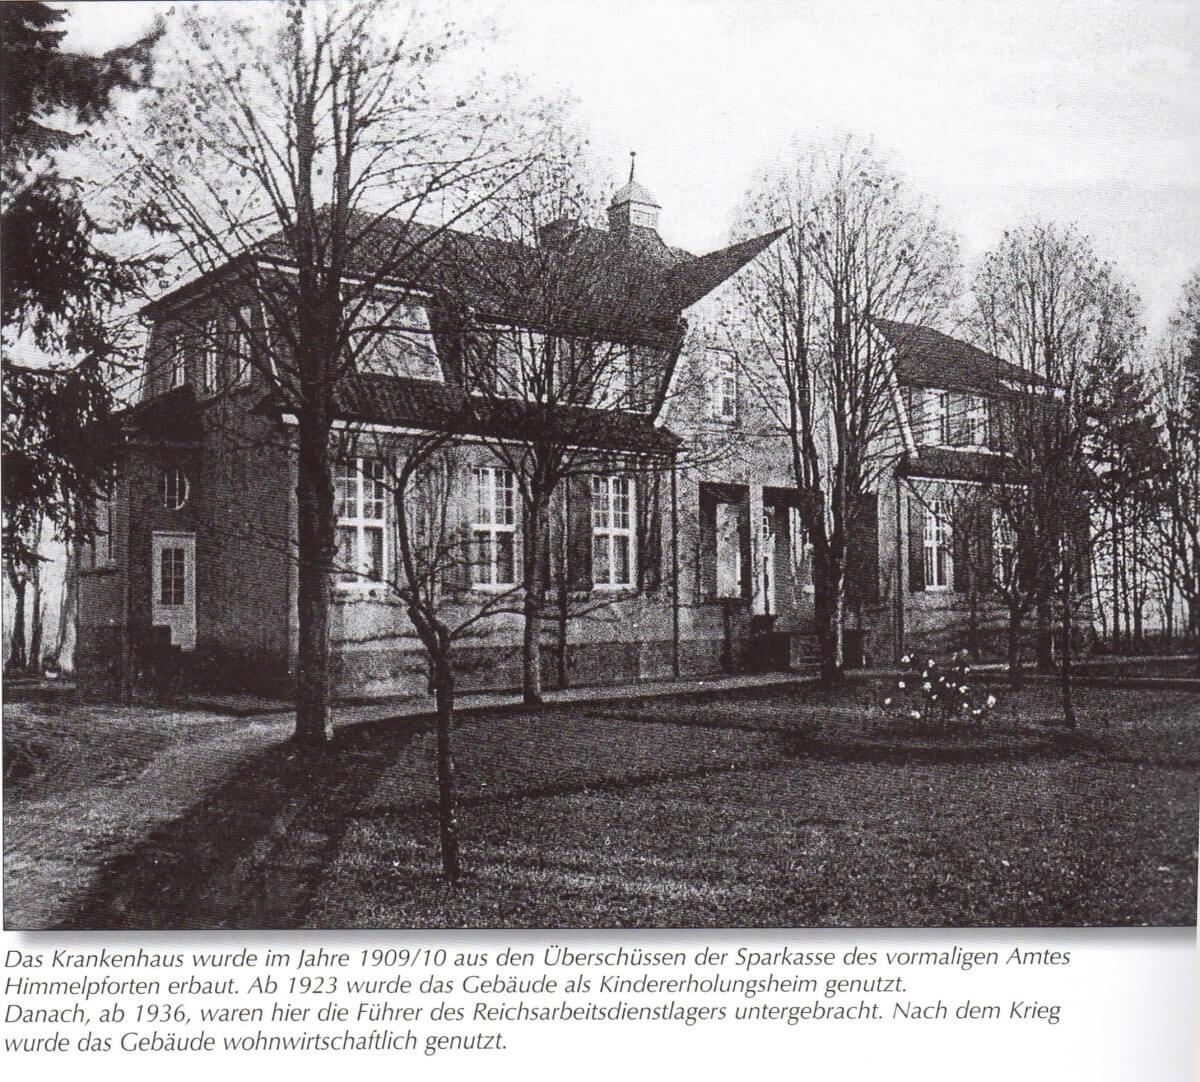 Himmelpforten Altes Krankenhaus Chronik